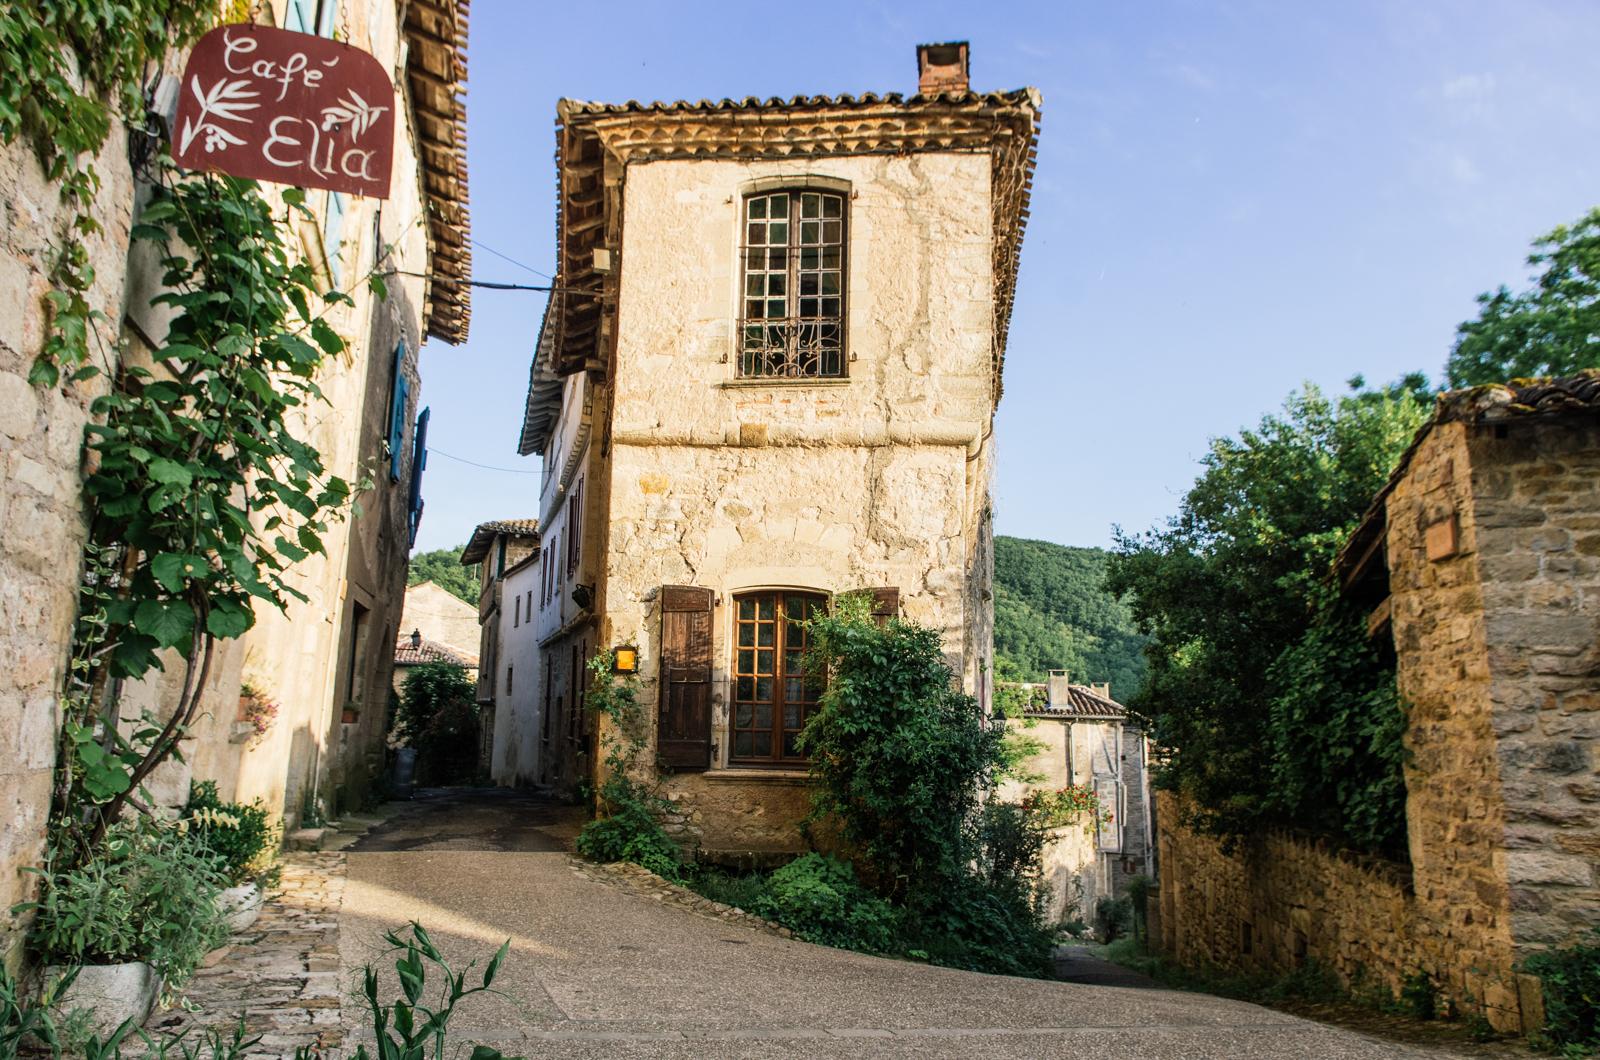 Randonnée dans les gorges de l'Aveyron - Bruniquel